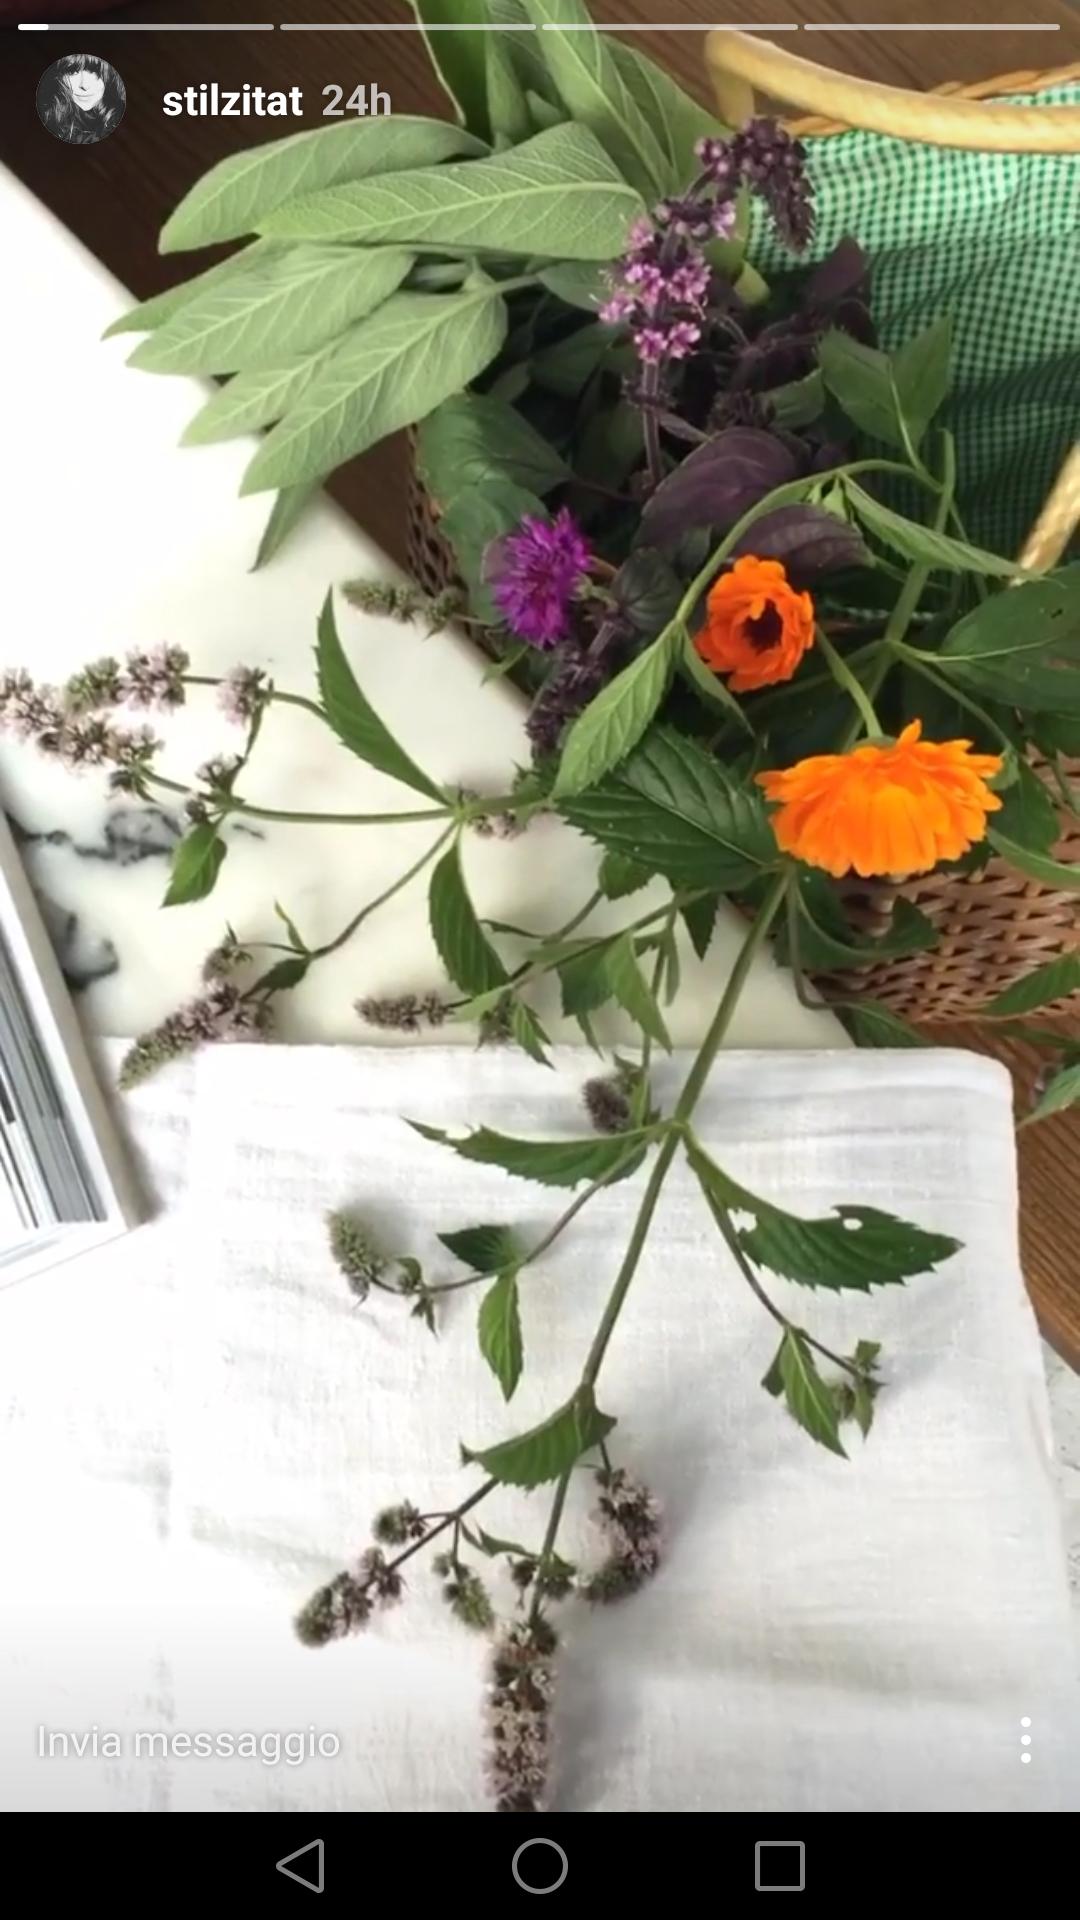 blossom zine instagram stories  (3)